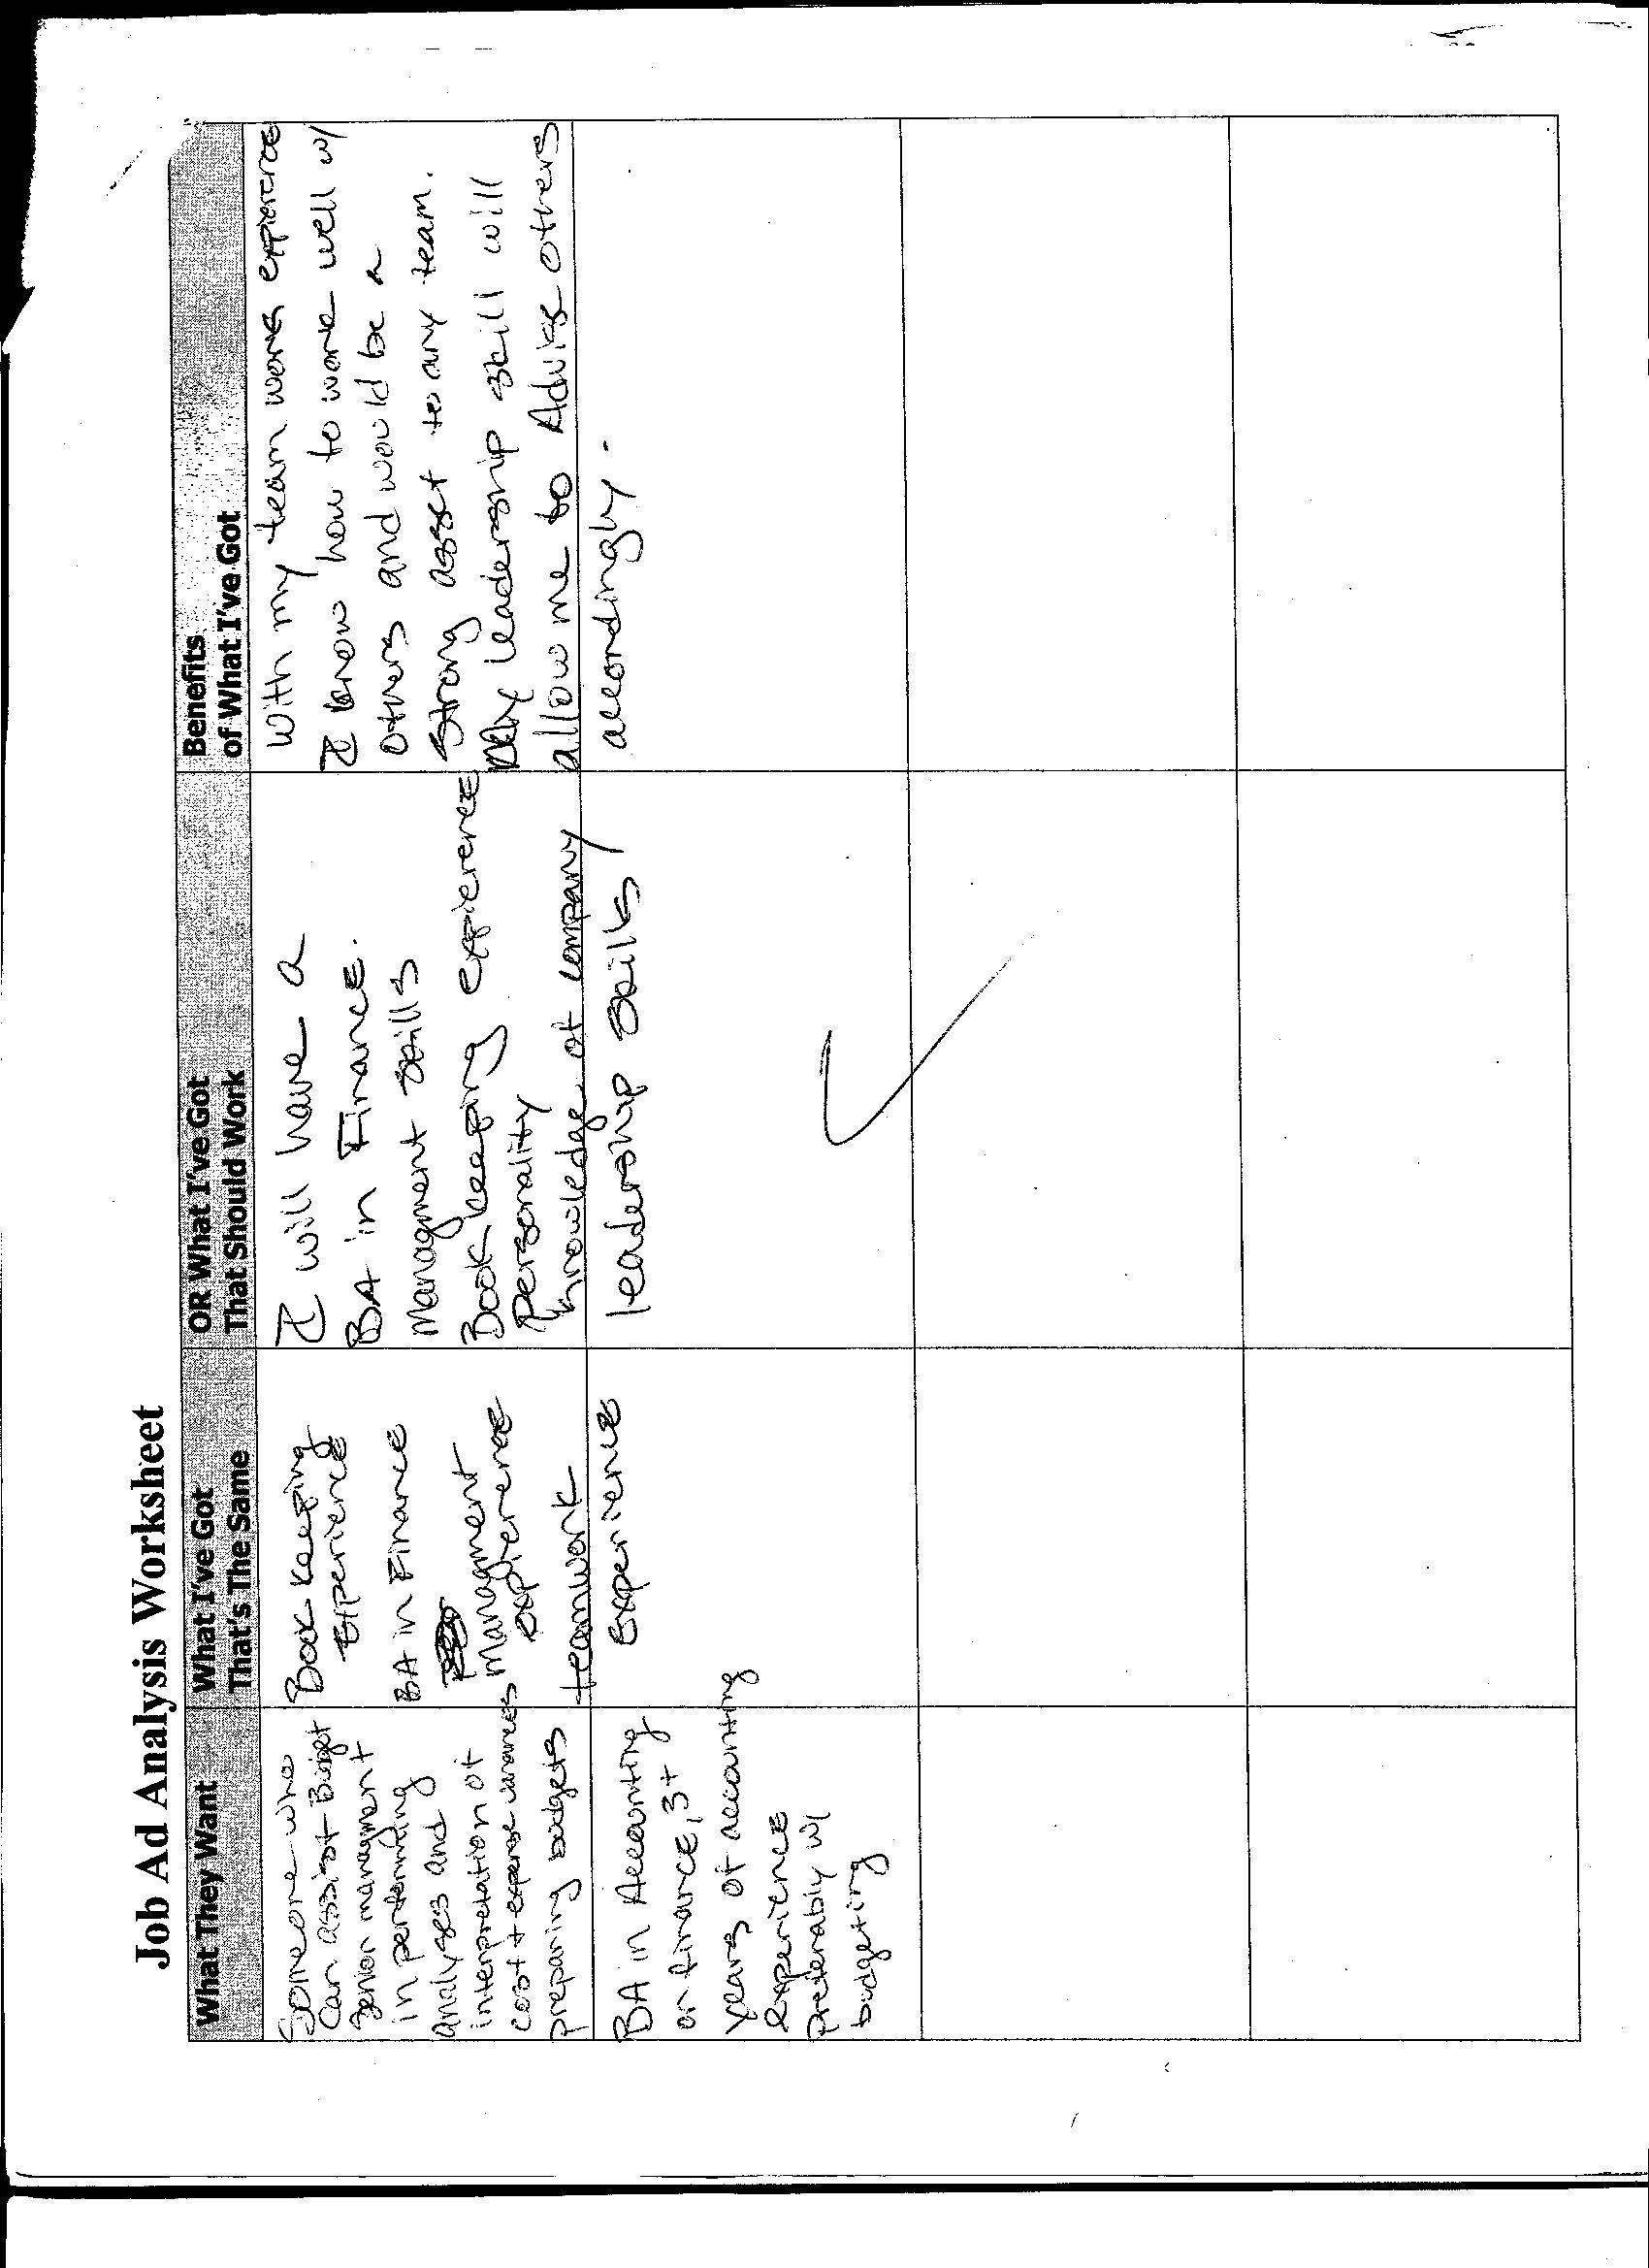 Job Adysis Worksheet